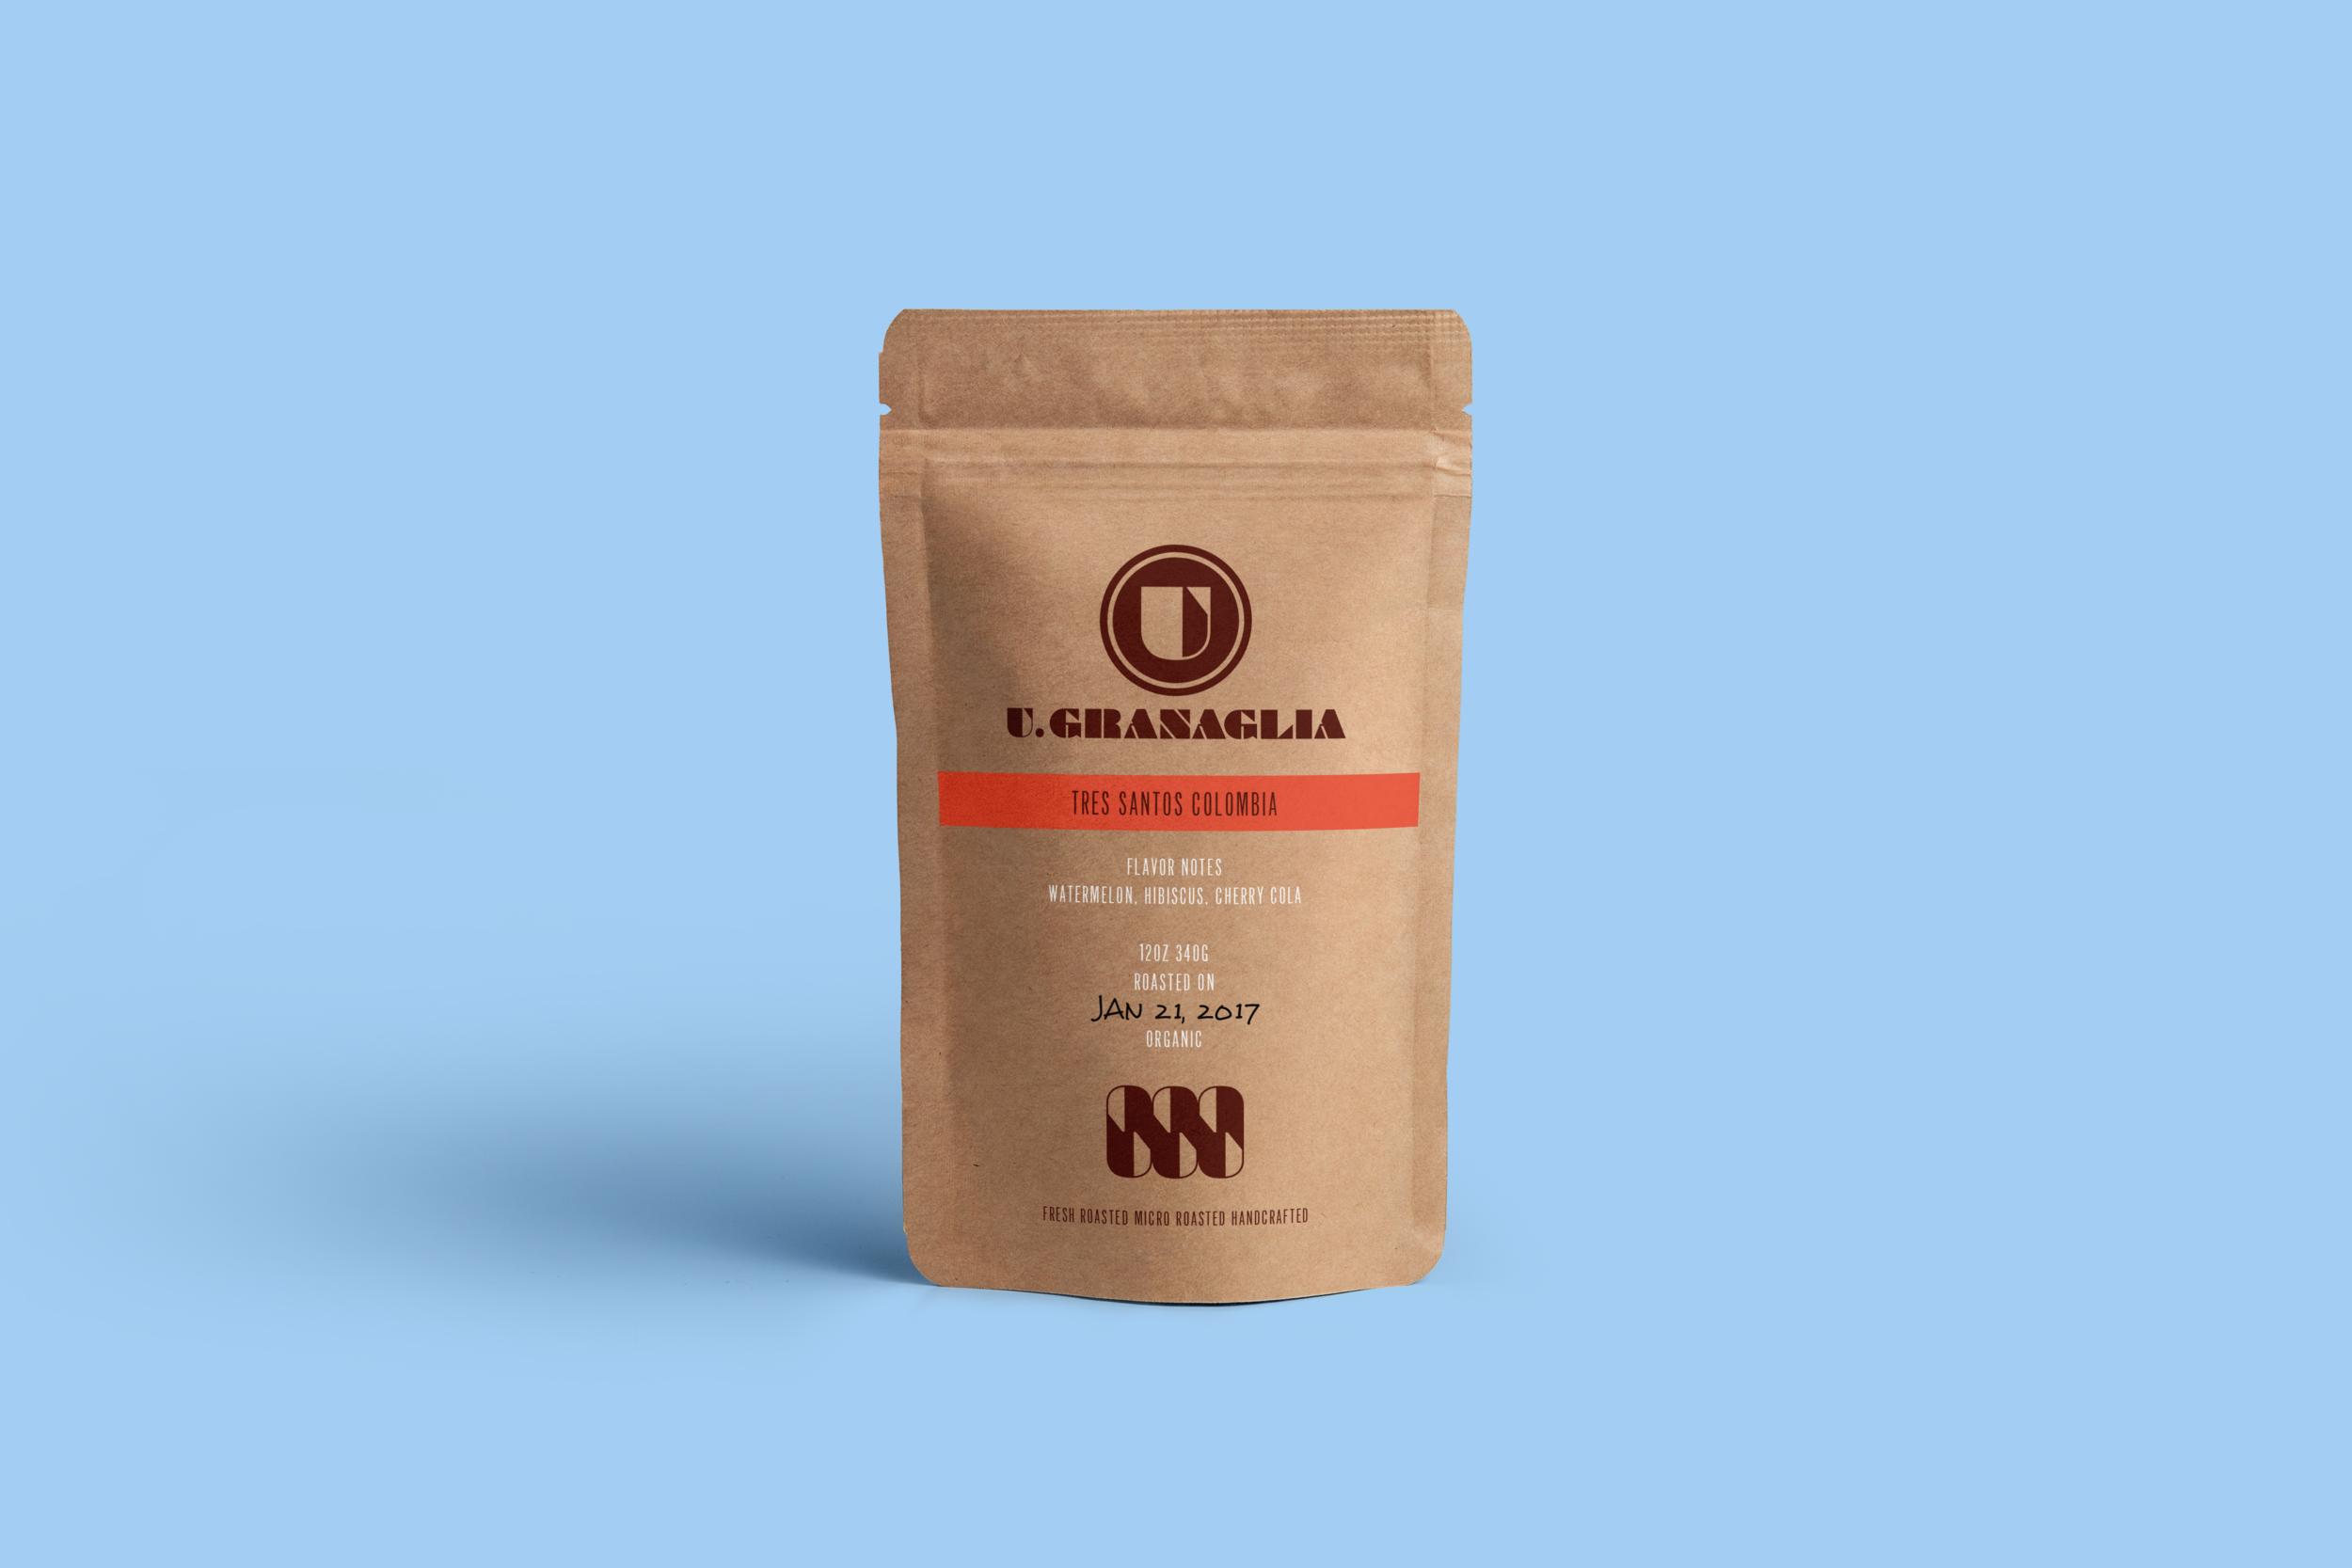 UGranaglia_Espresso_Bag.png